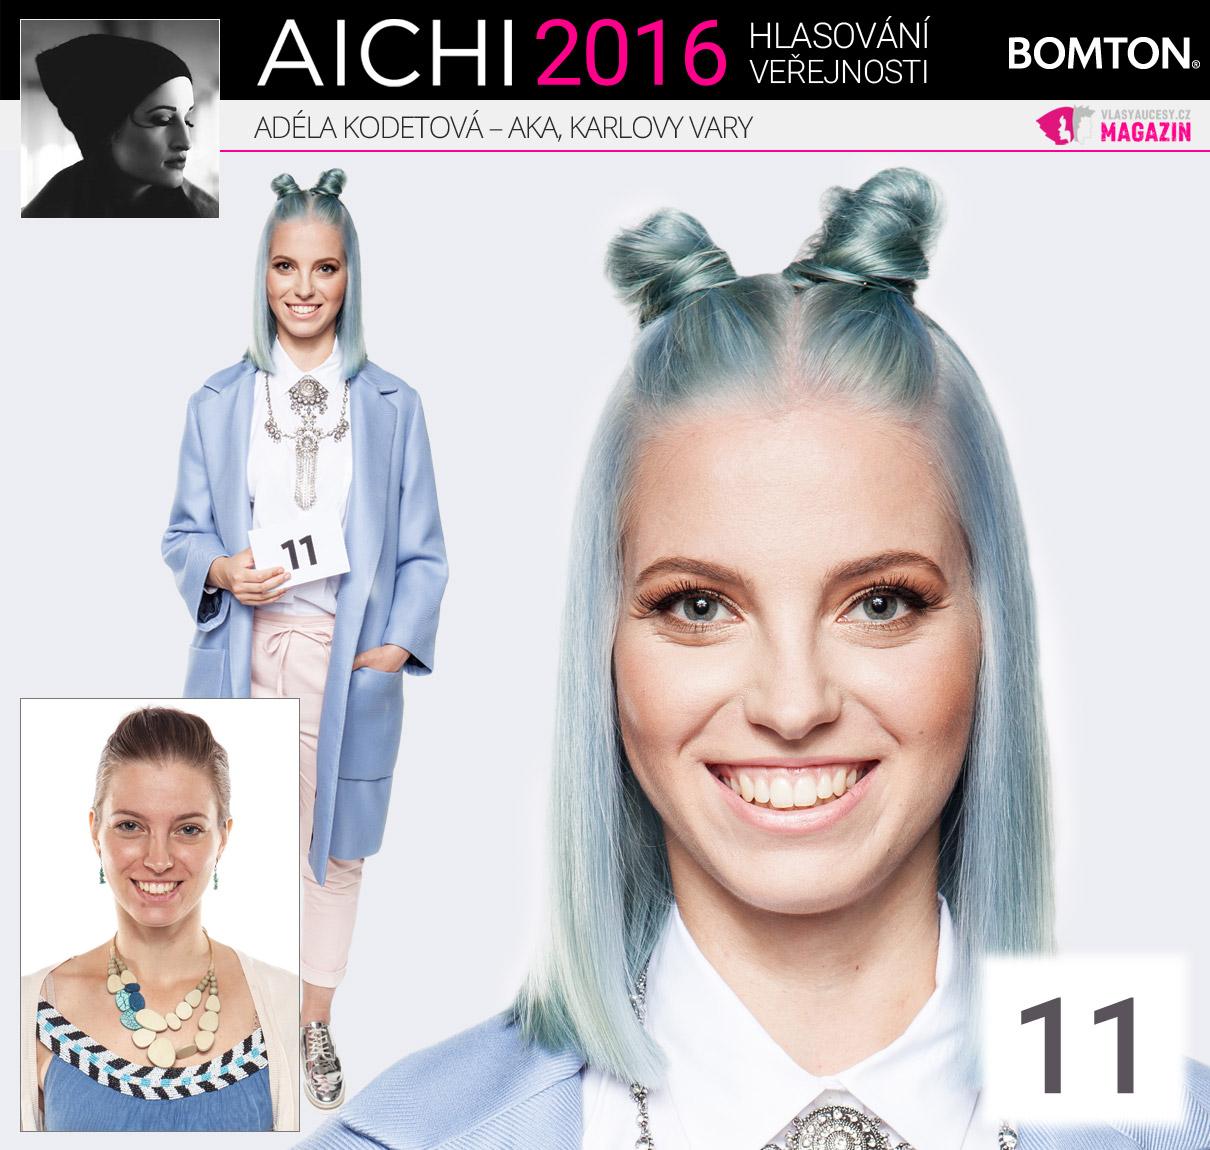 Finálová proměna AICHI 2016: Adéla Kodetová, AKA, Karlovy Vary